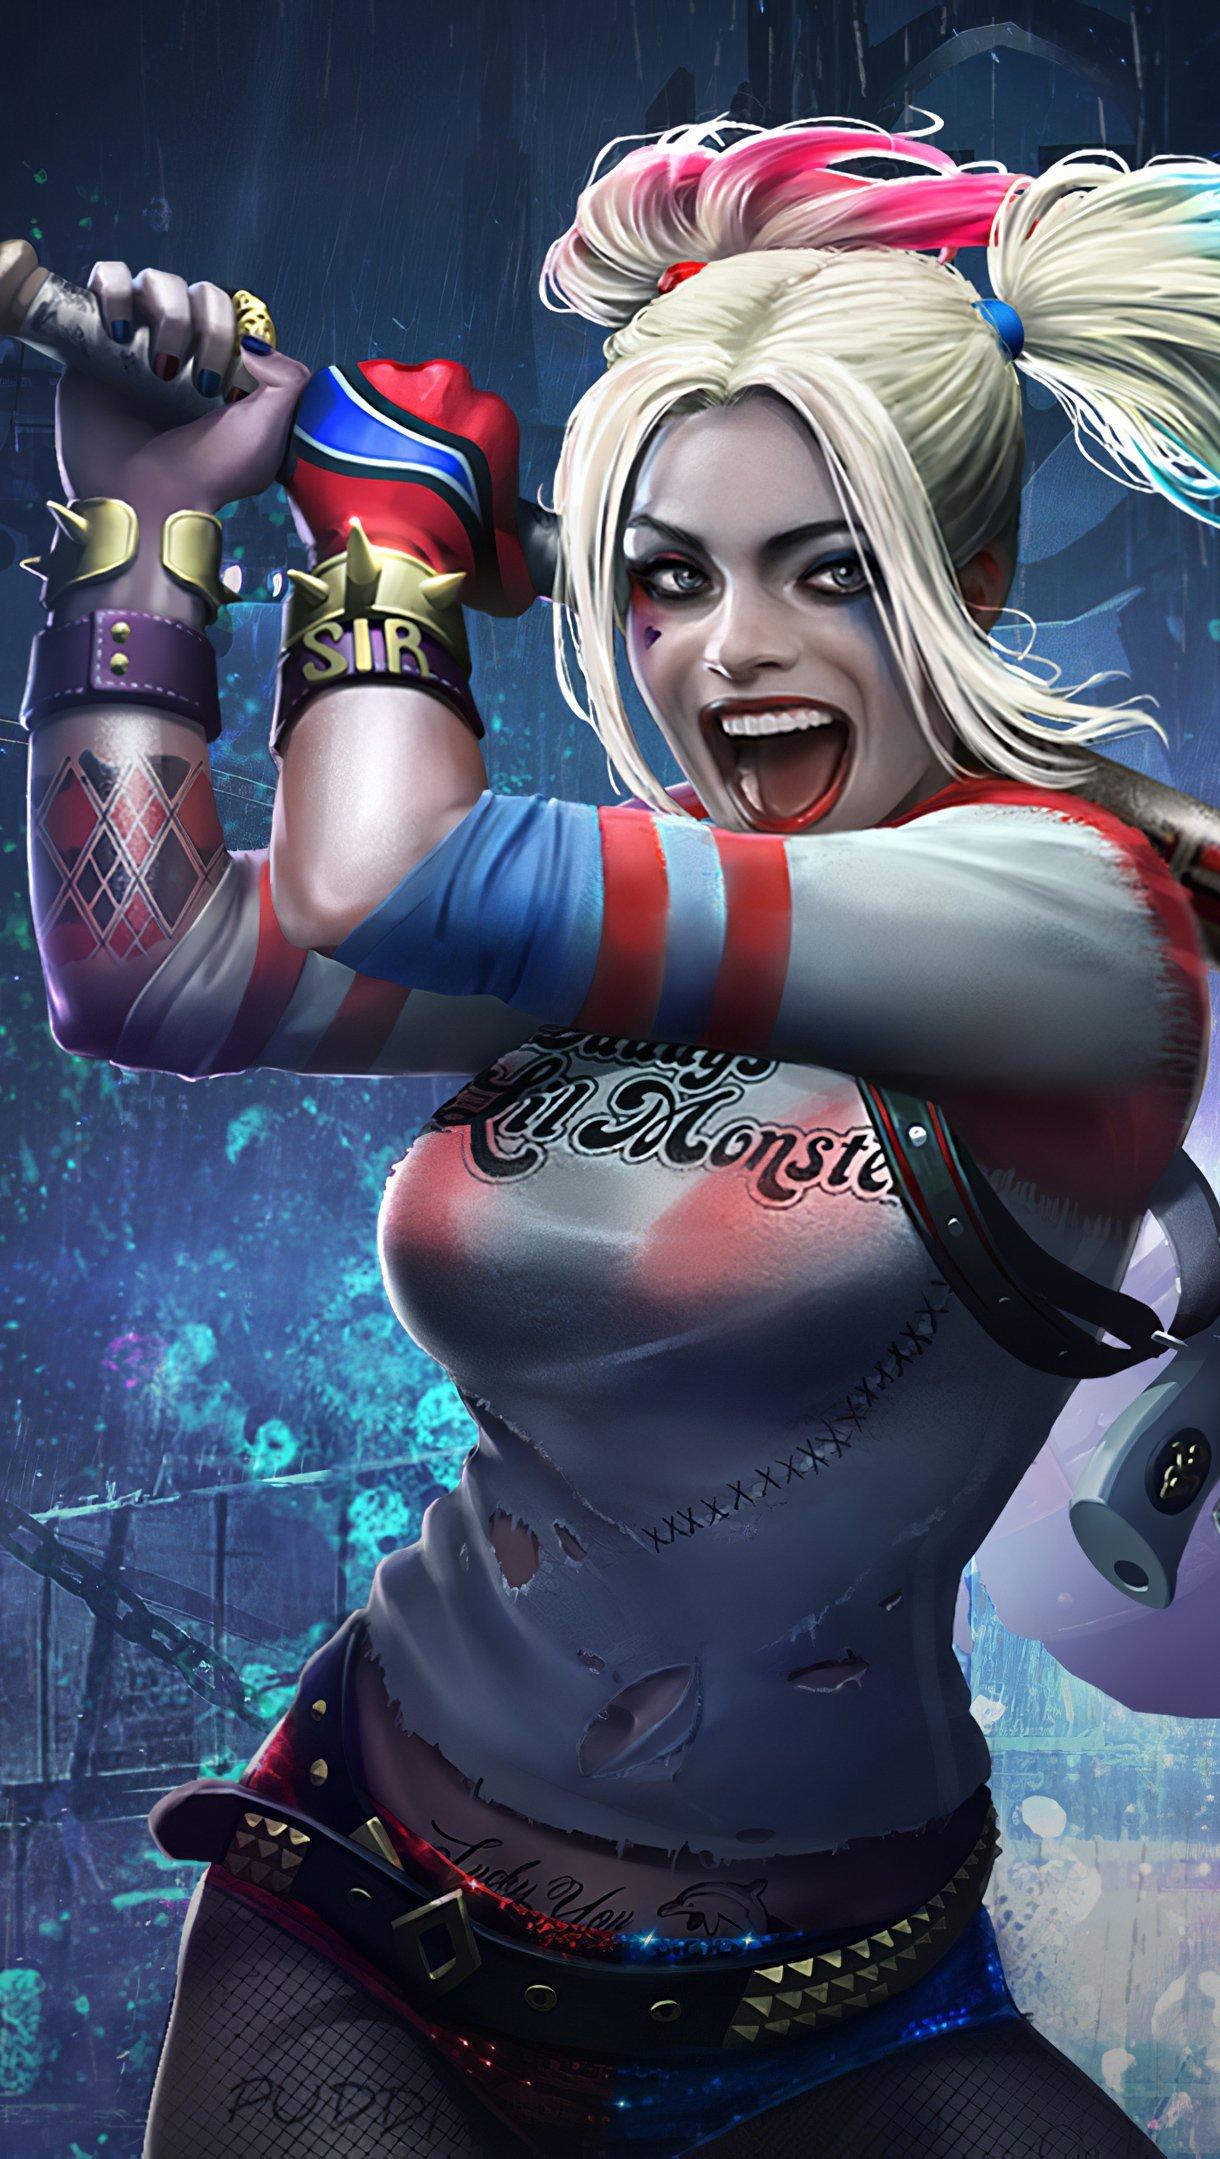 Fondos de pantalla Harley Quinn y Deadshot Injustice 2 Vertical